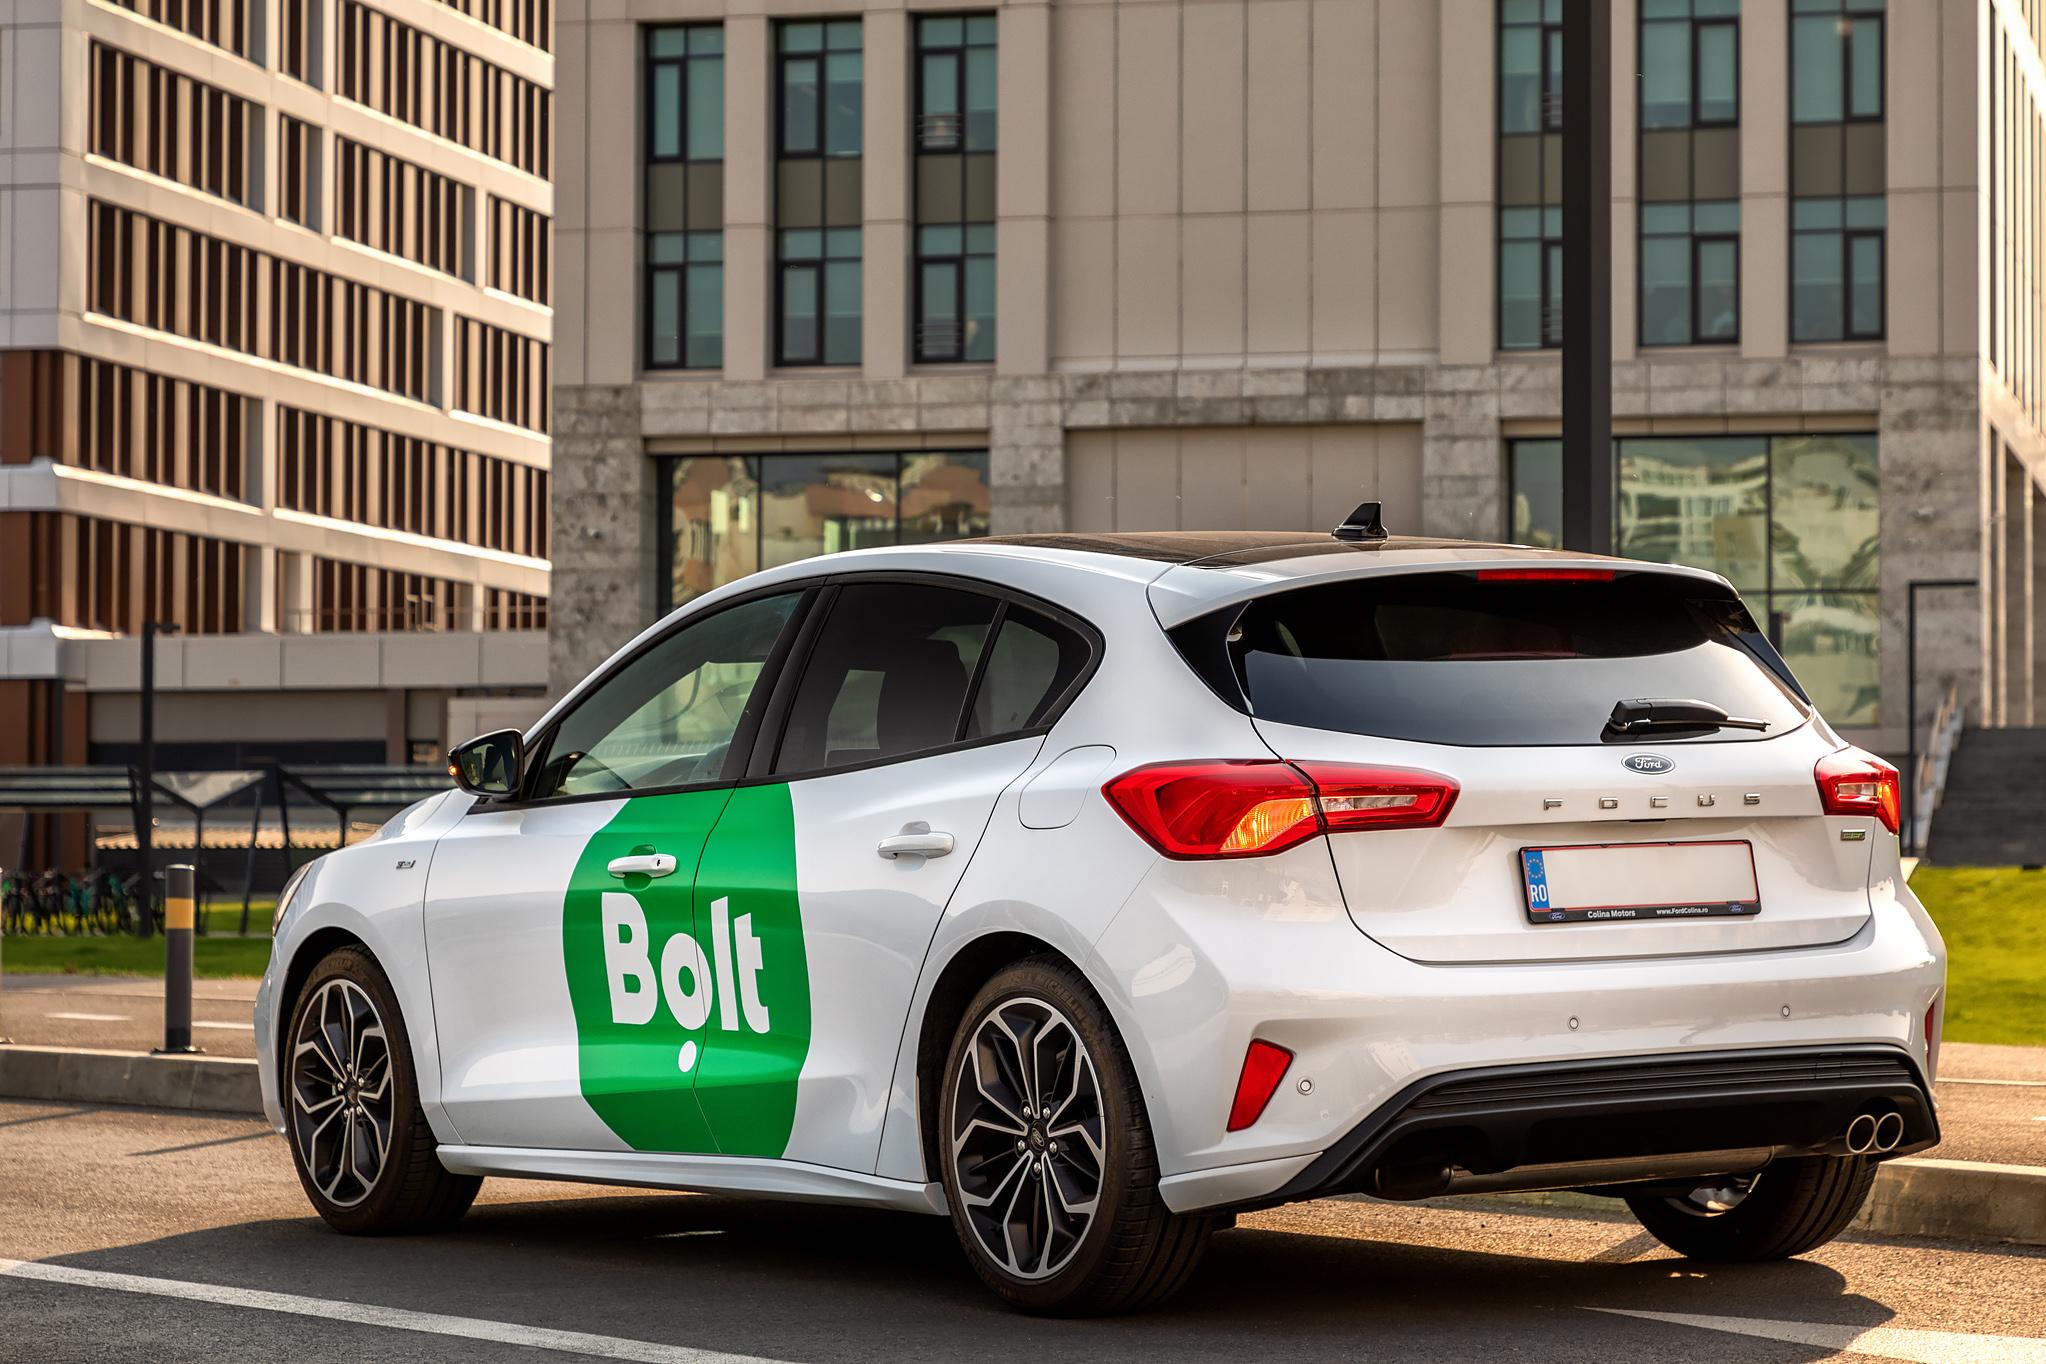 Bolt ajunge în Sibiu. Transport, trotinete electrice și delivery